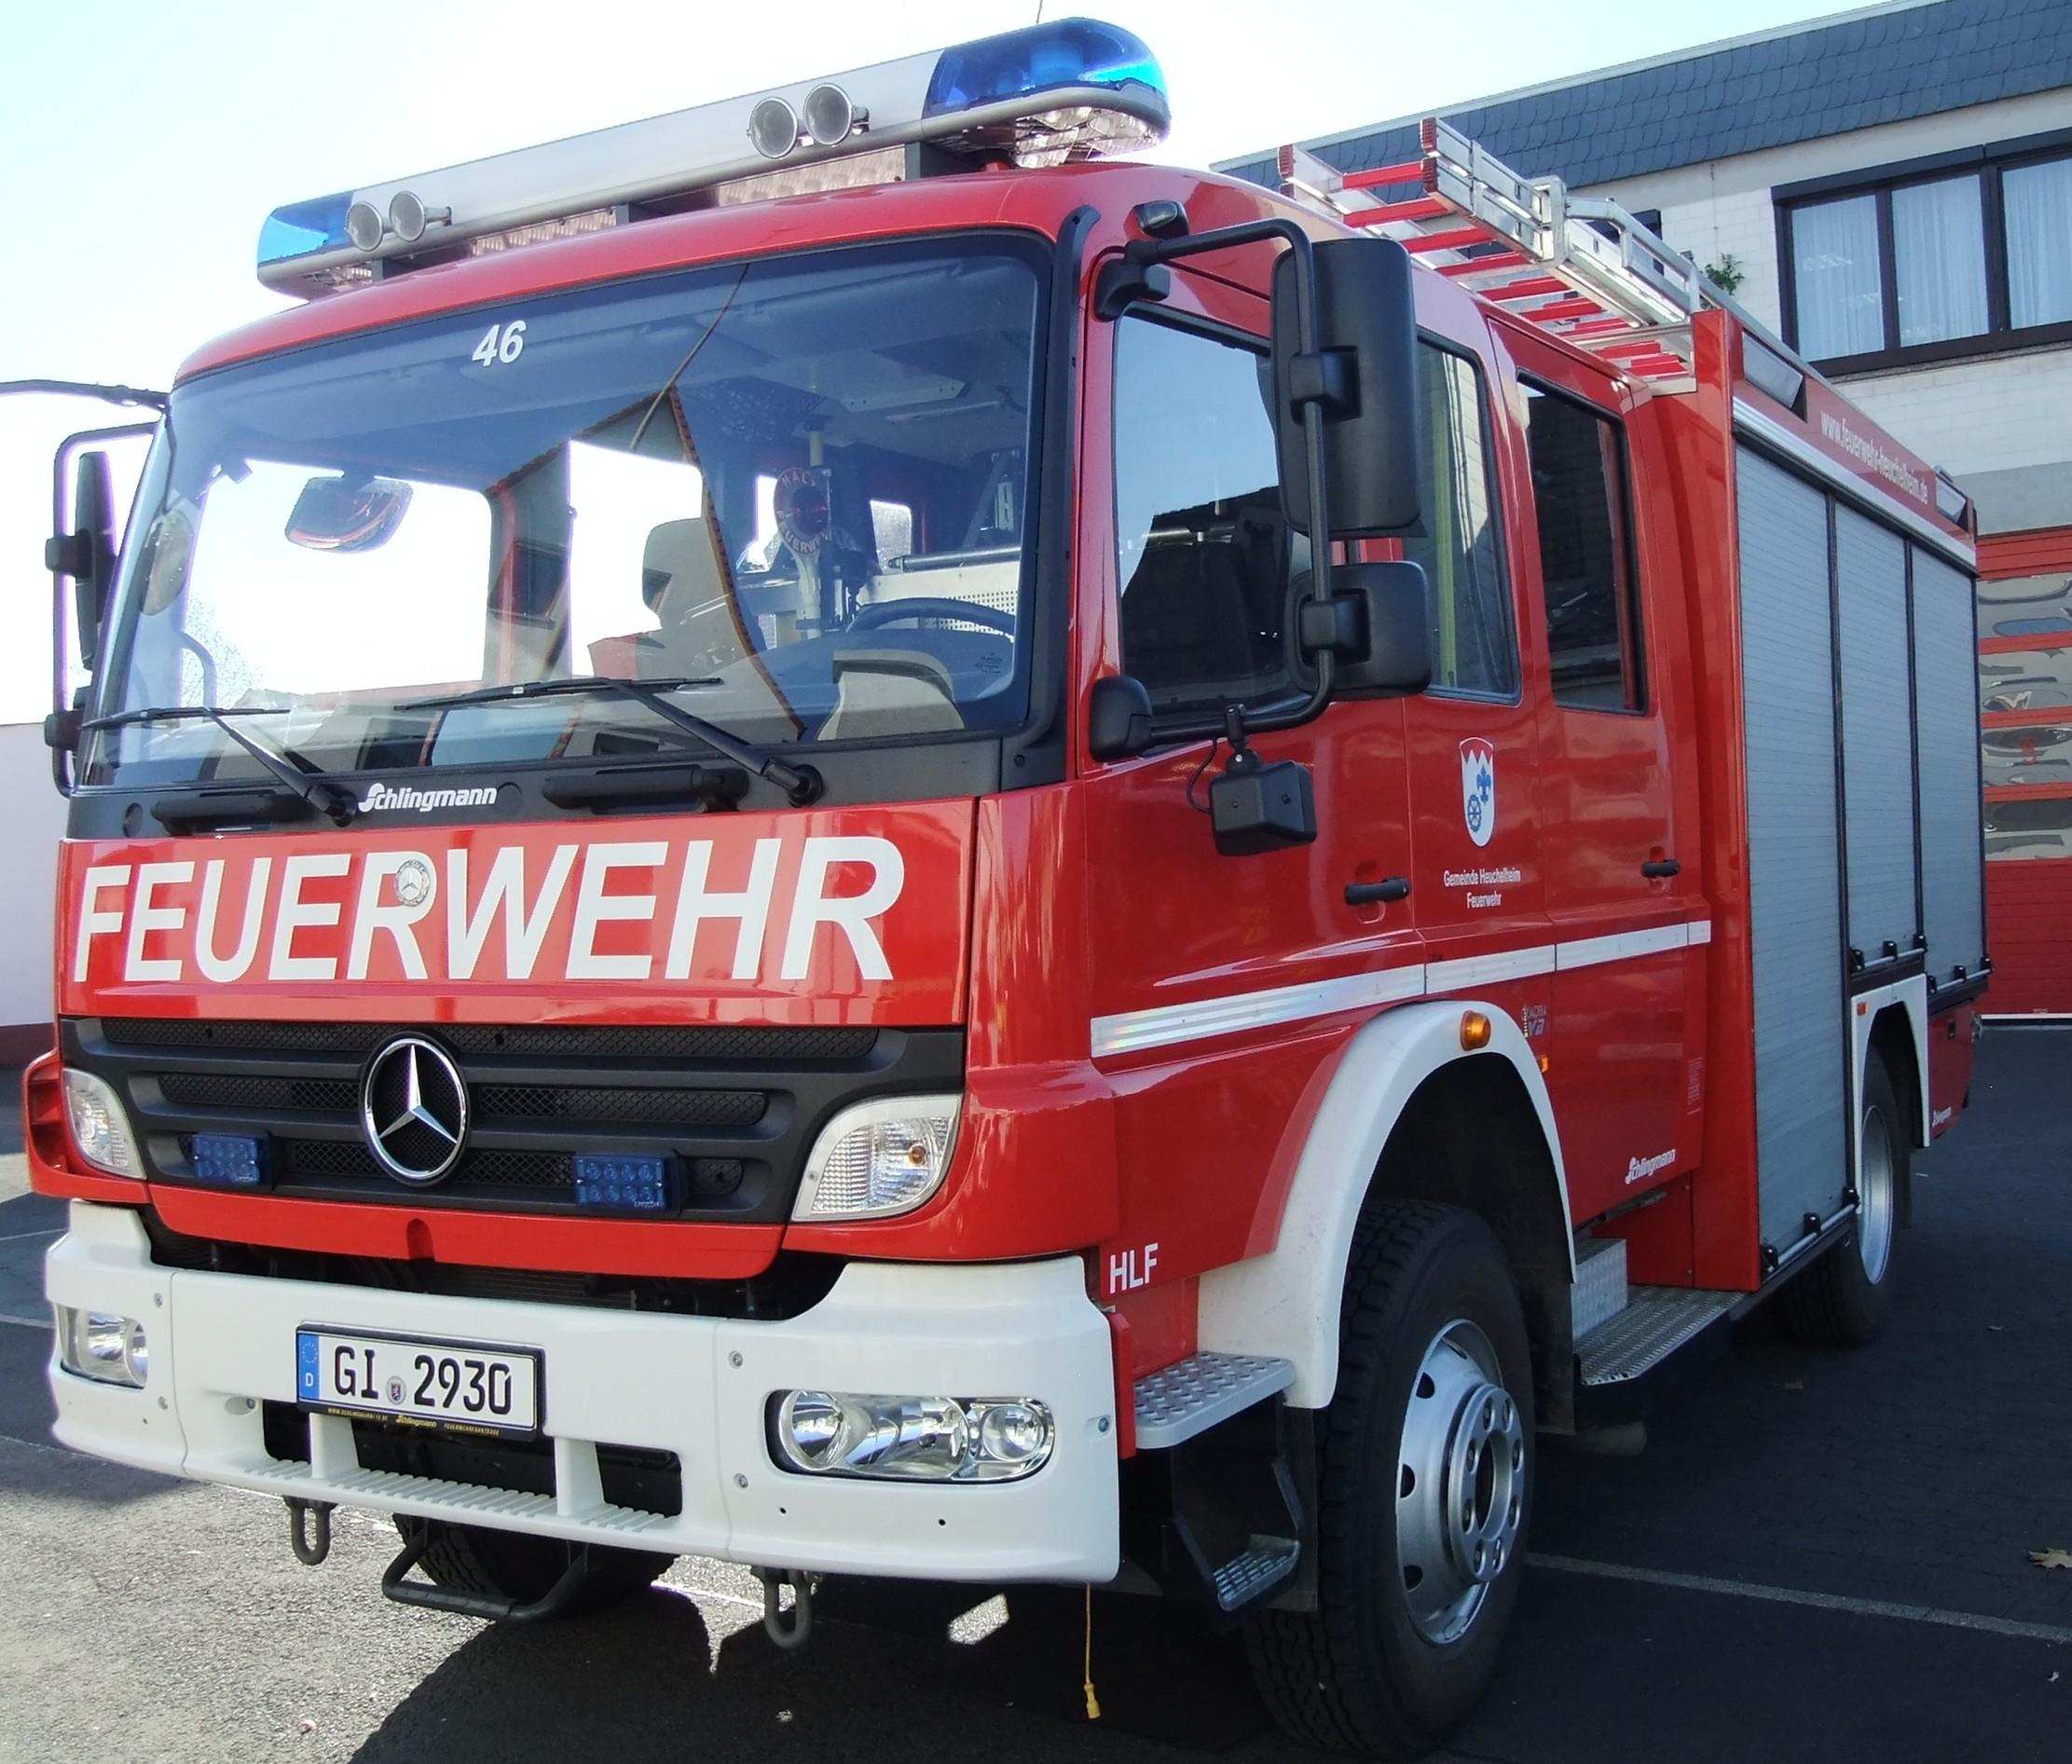 Heuchelheim 46